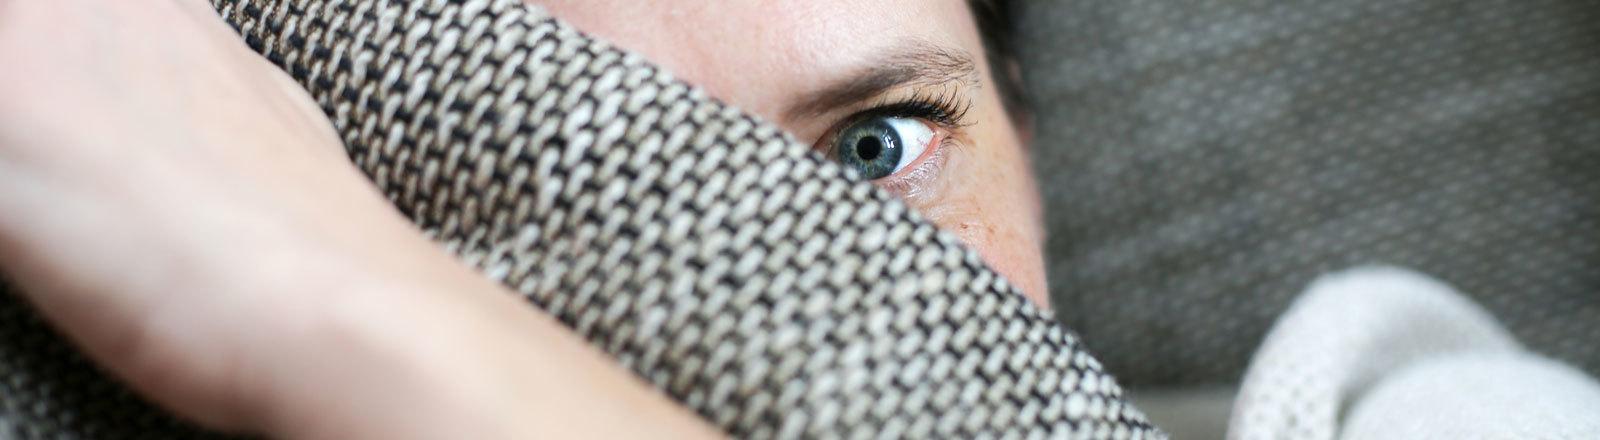 Frau versteckt sich hinter einer Decke.